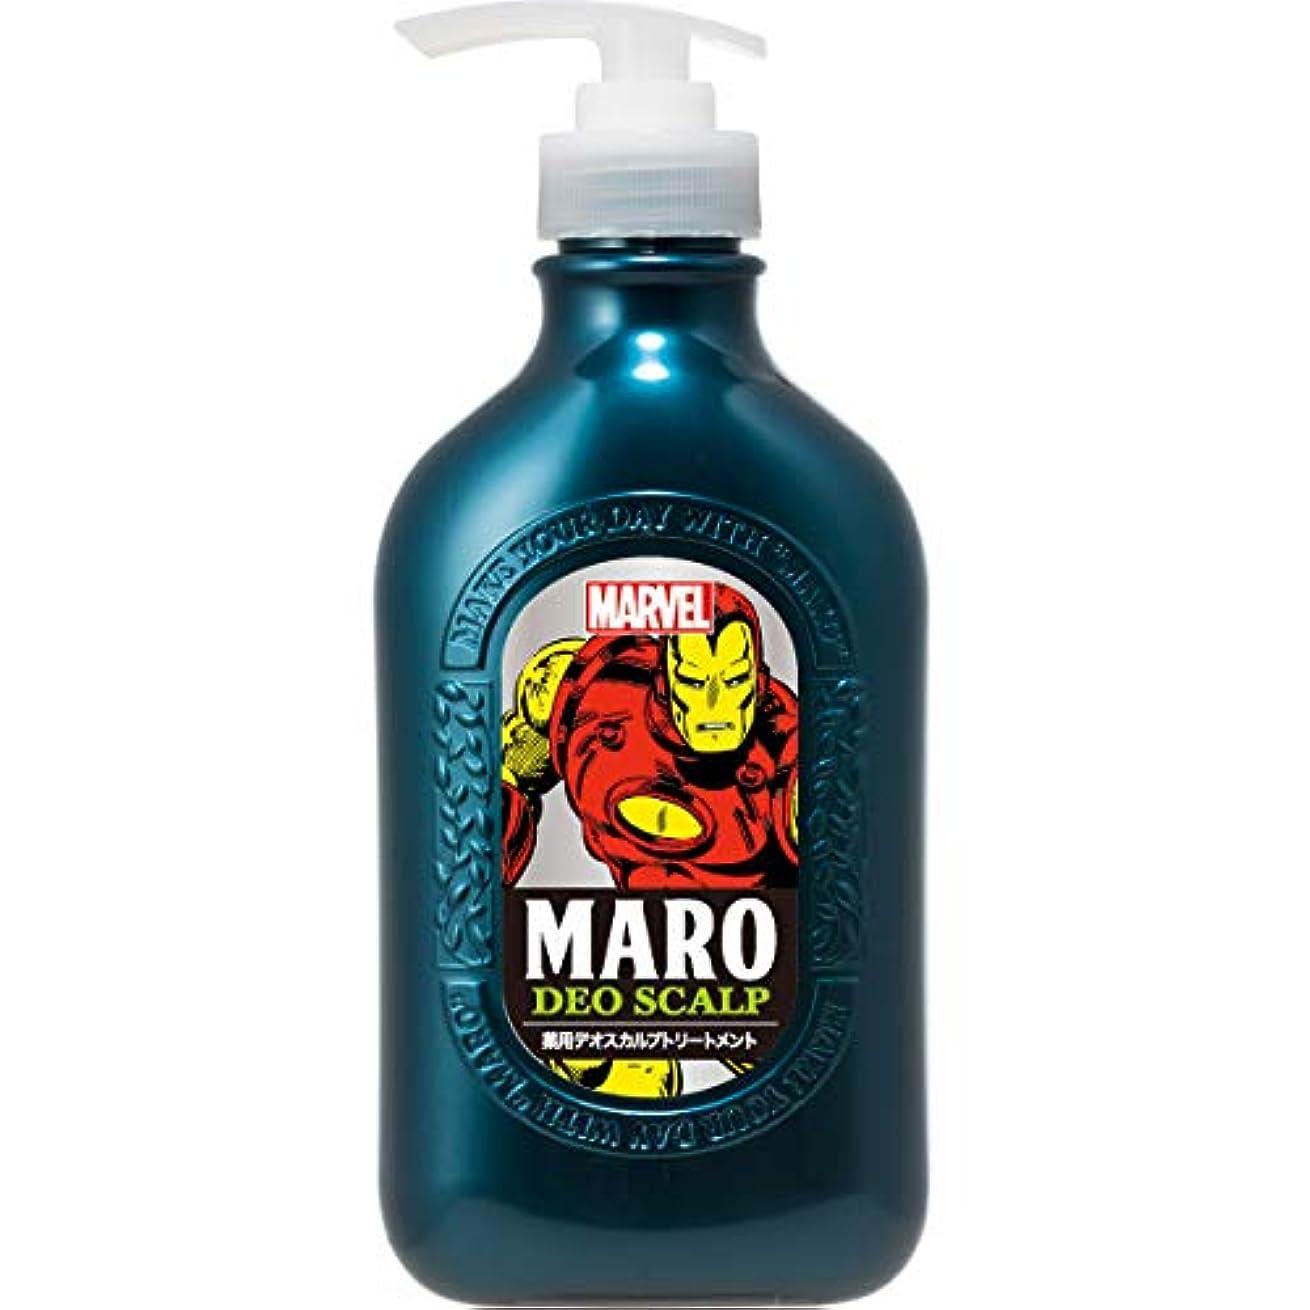 緊急枯渇人気のMARO 薬用 デオスカルプ トリートメント MARVEL コラボデザイン 480ml 【医薬部外品】